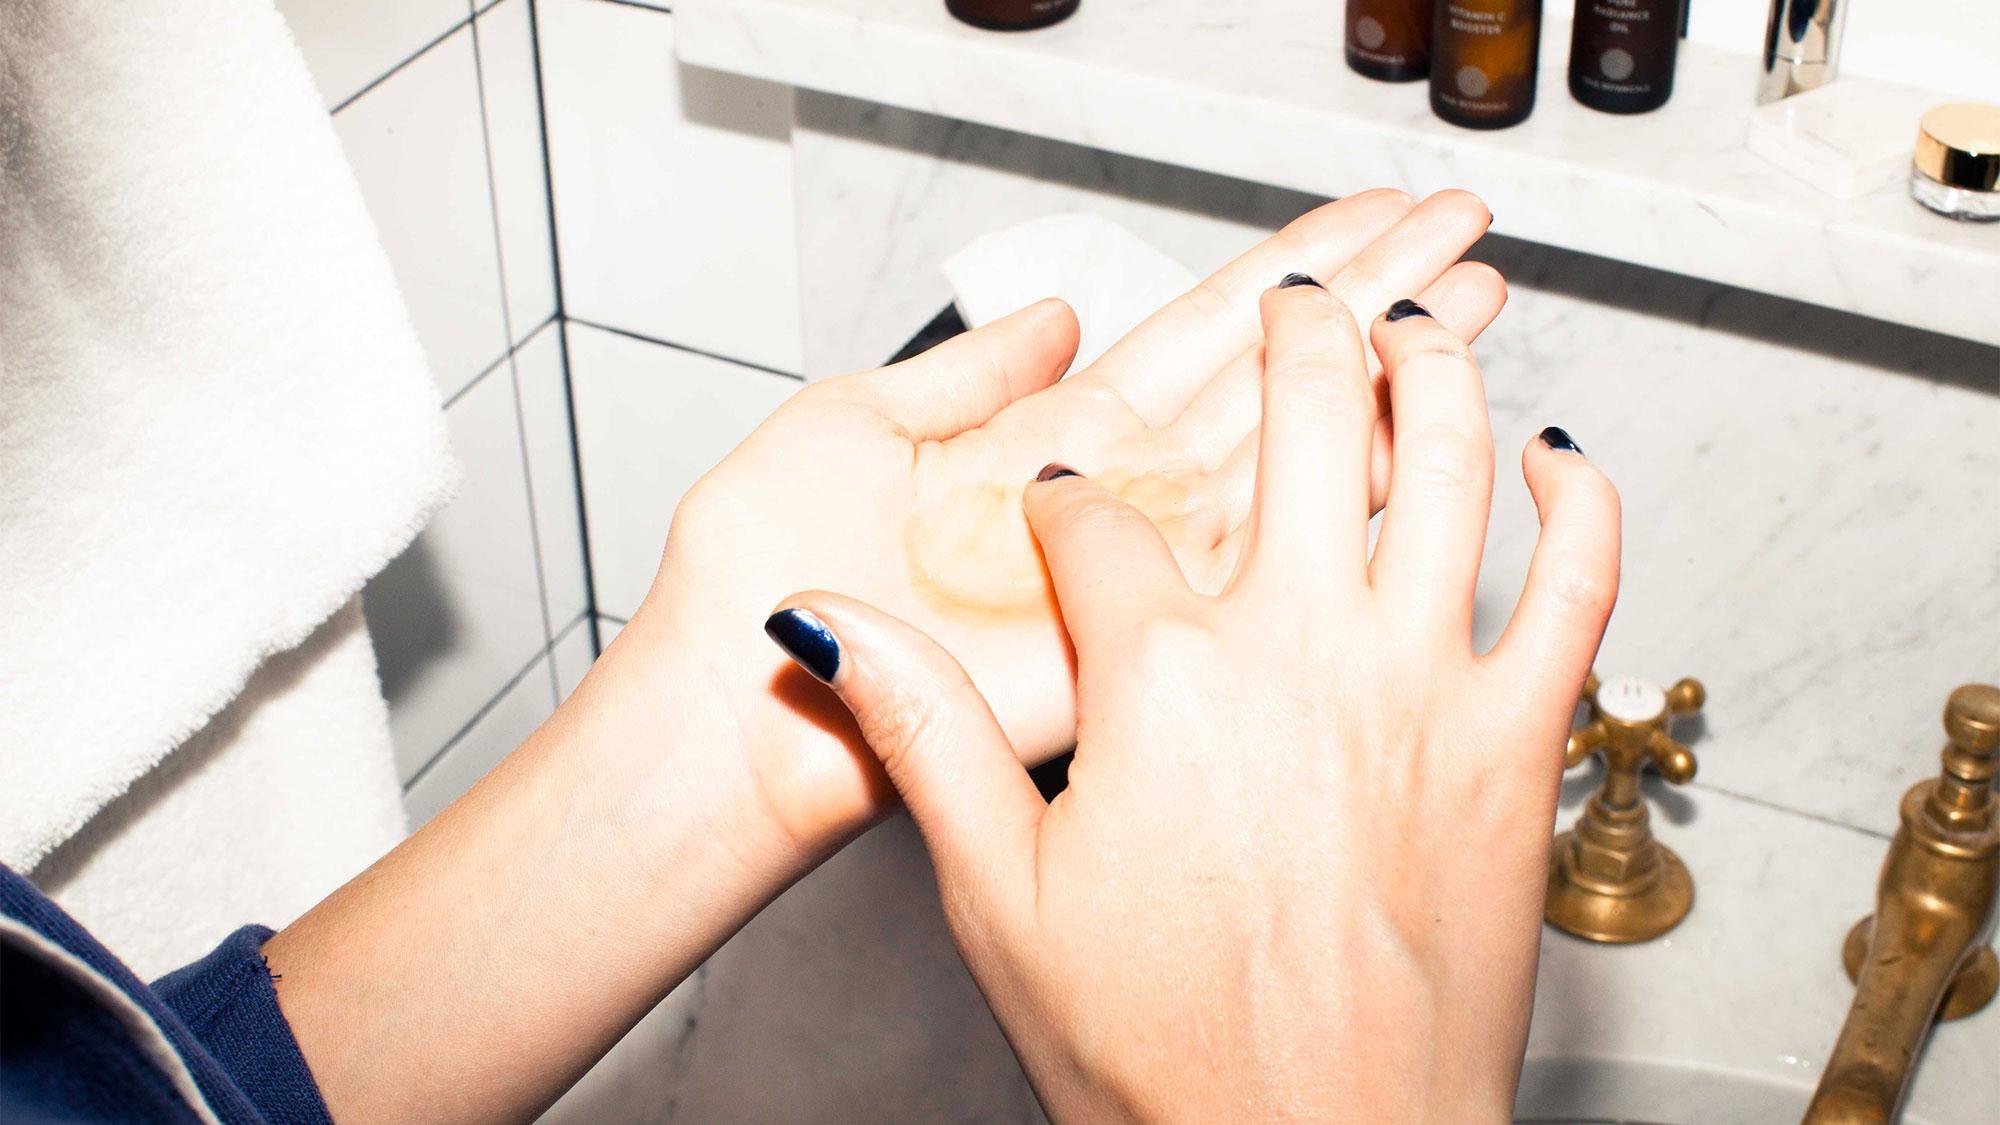 terpenes skin benefits